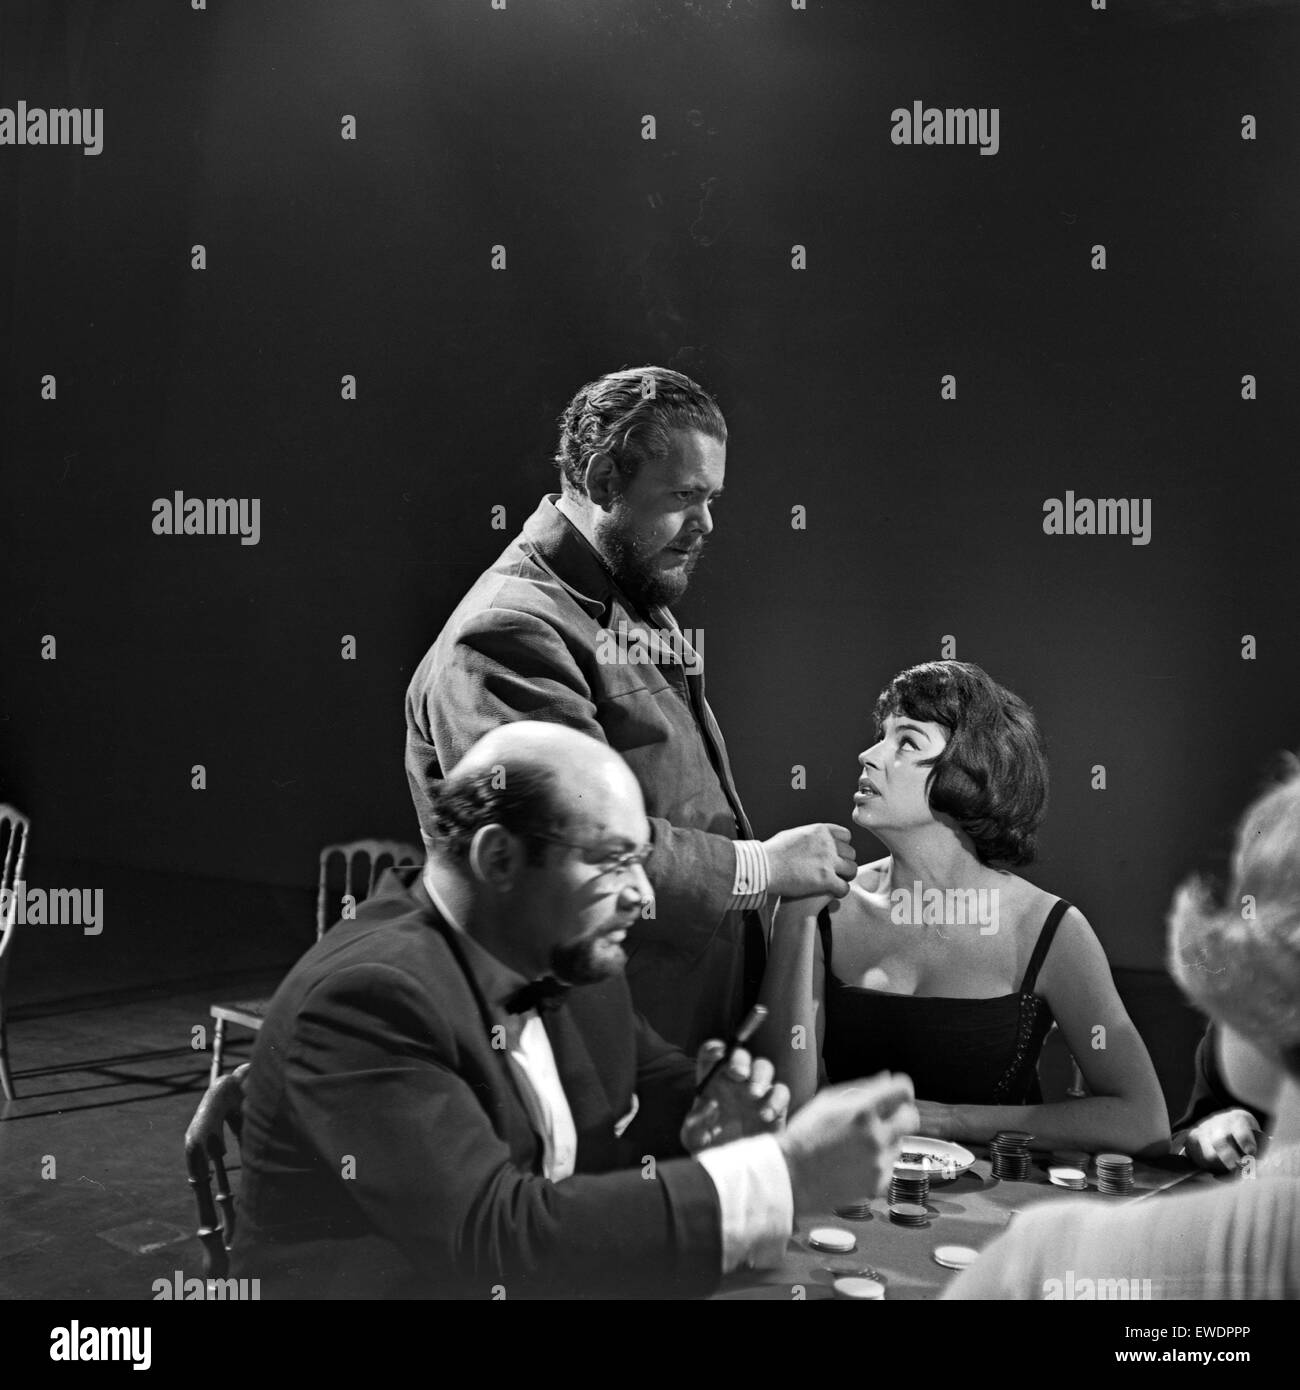 Kleine Stunde für M, Musiksendung, Deutschland 1964, Mitwirkende bei einer Spielszene im Casino - Stock Image